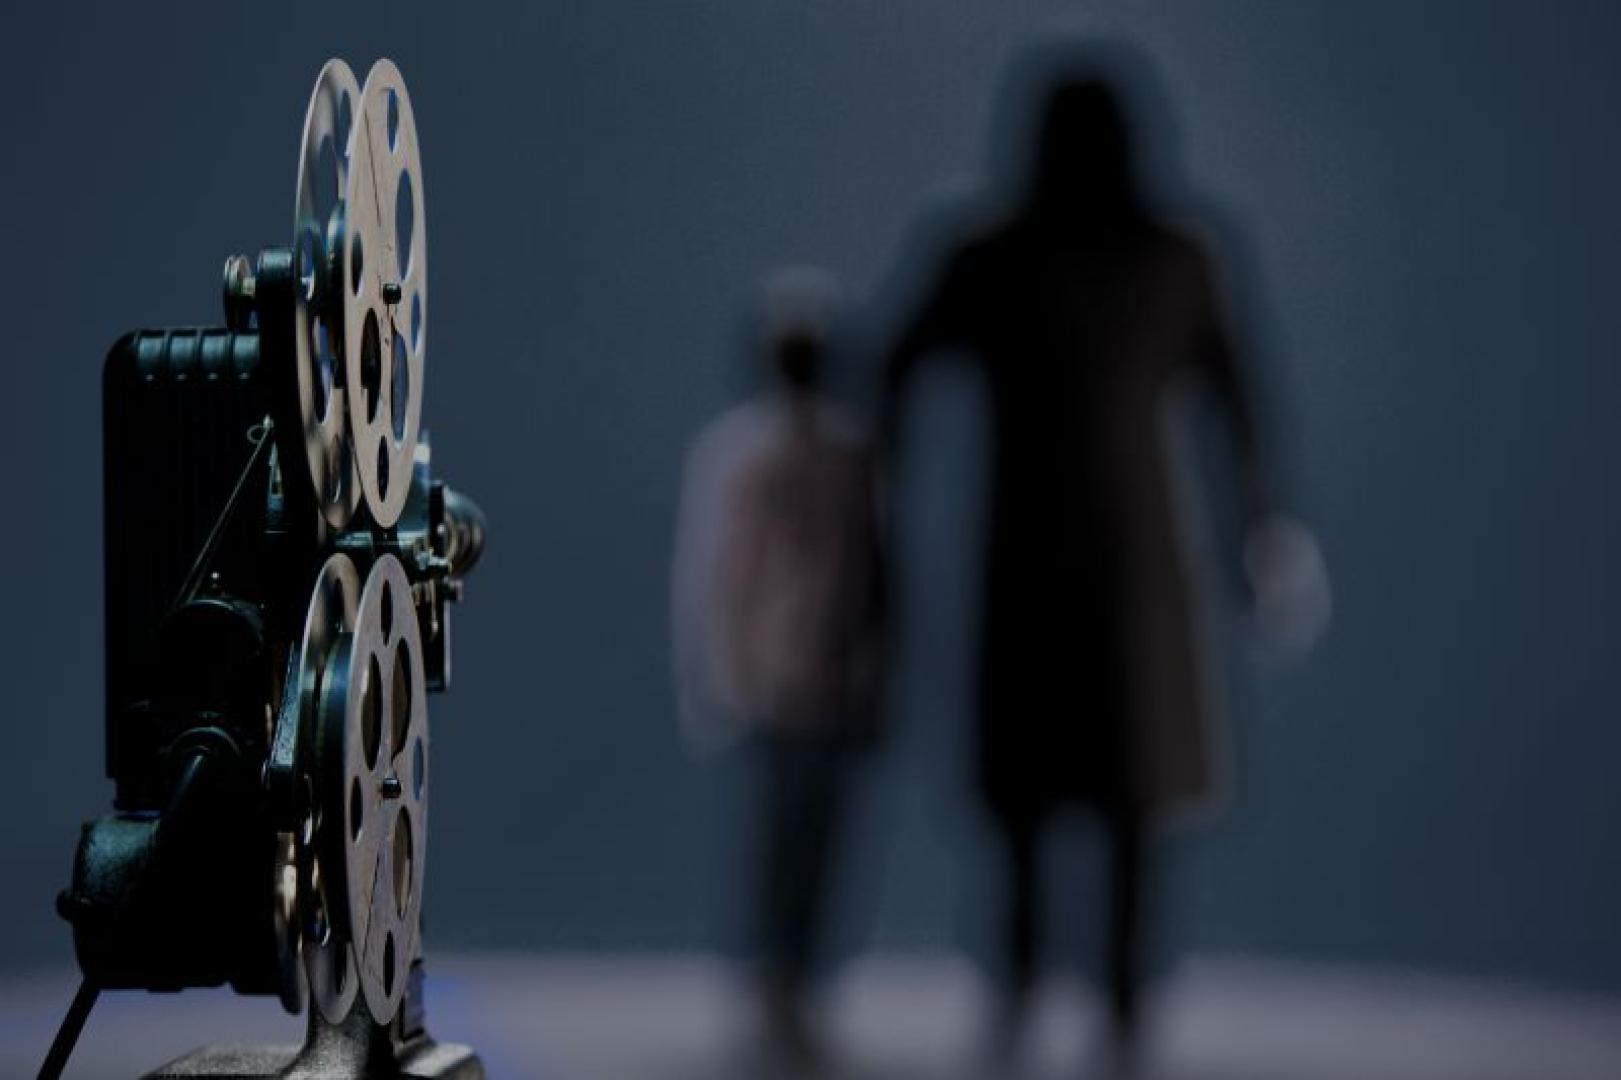 Képek a Sinister 2-ből